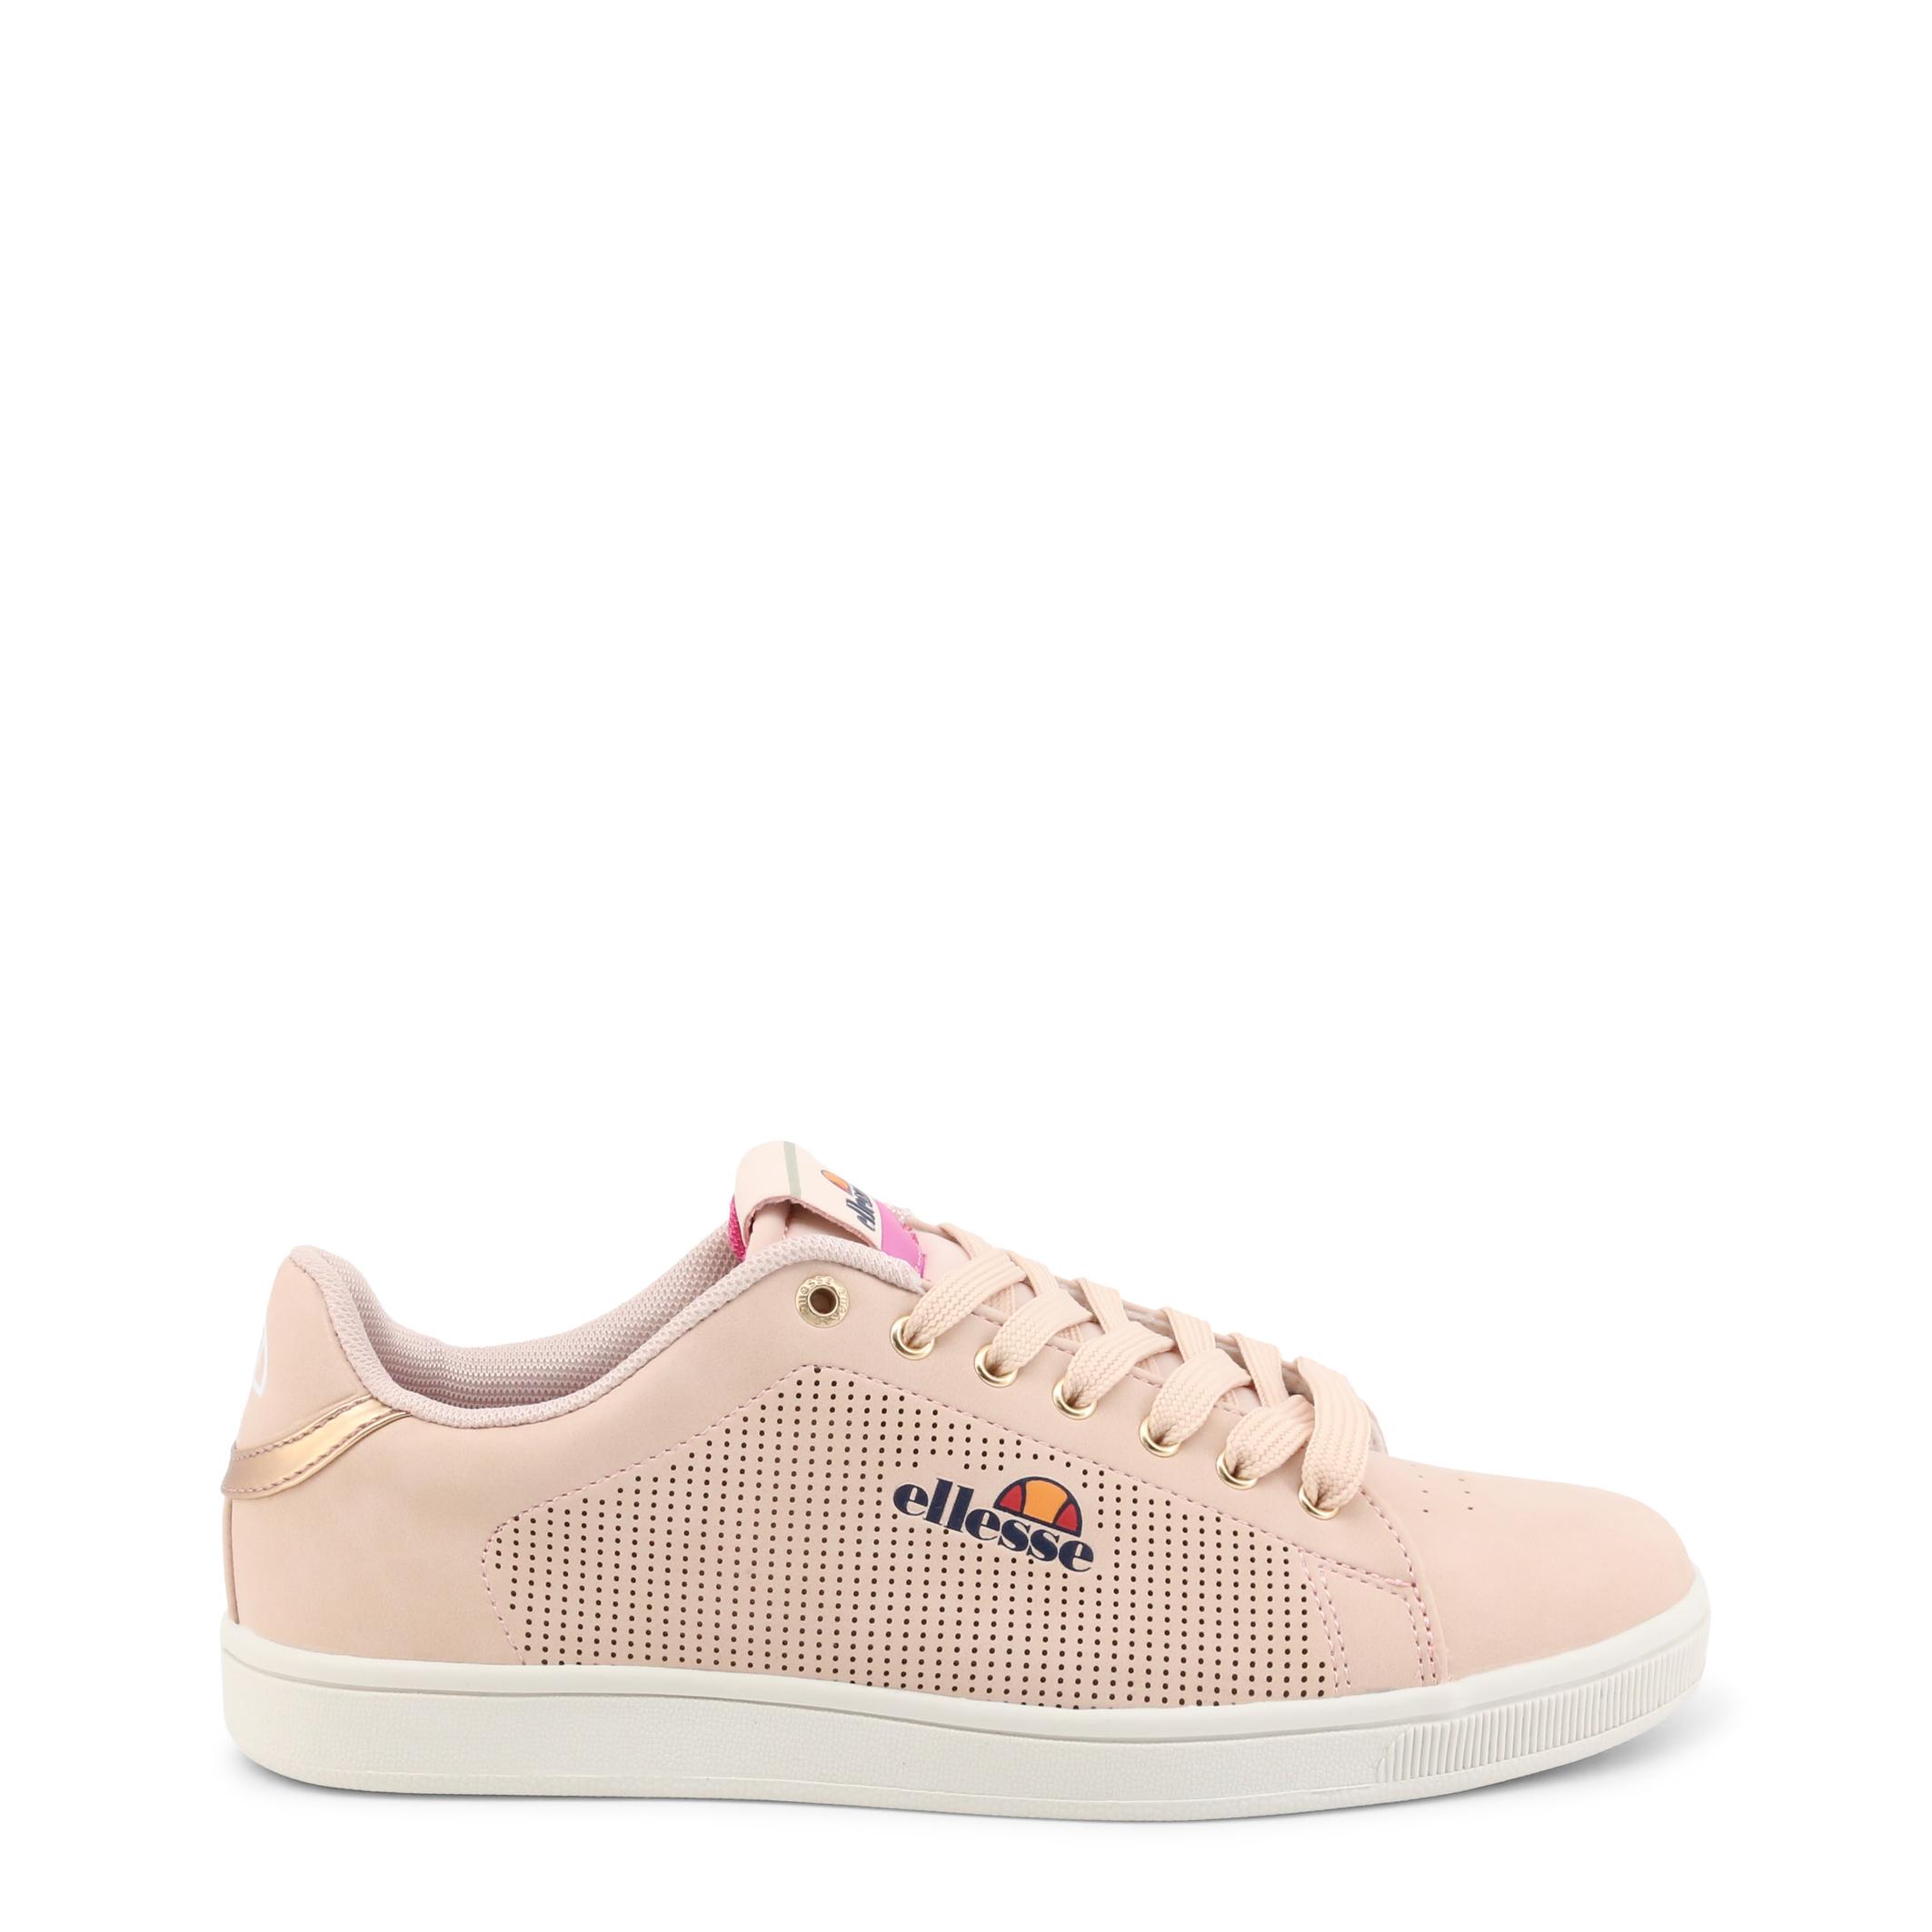 Ellesse - EL11W80455 - Pink